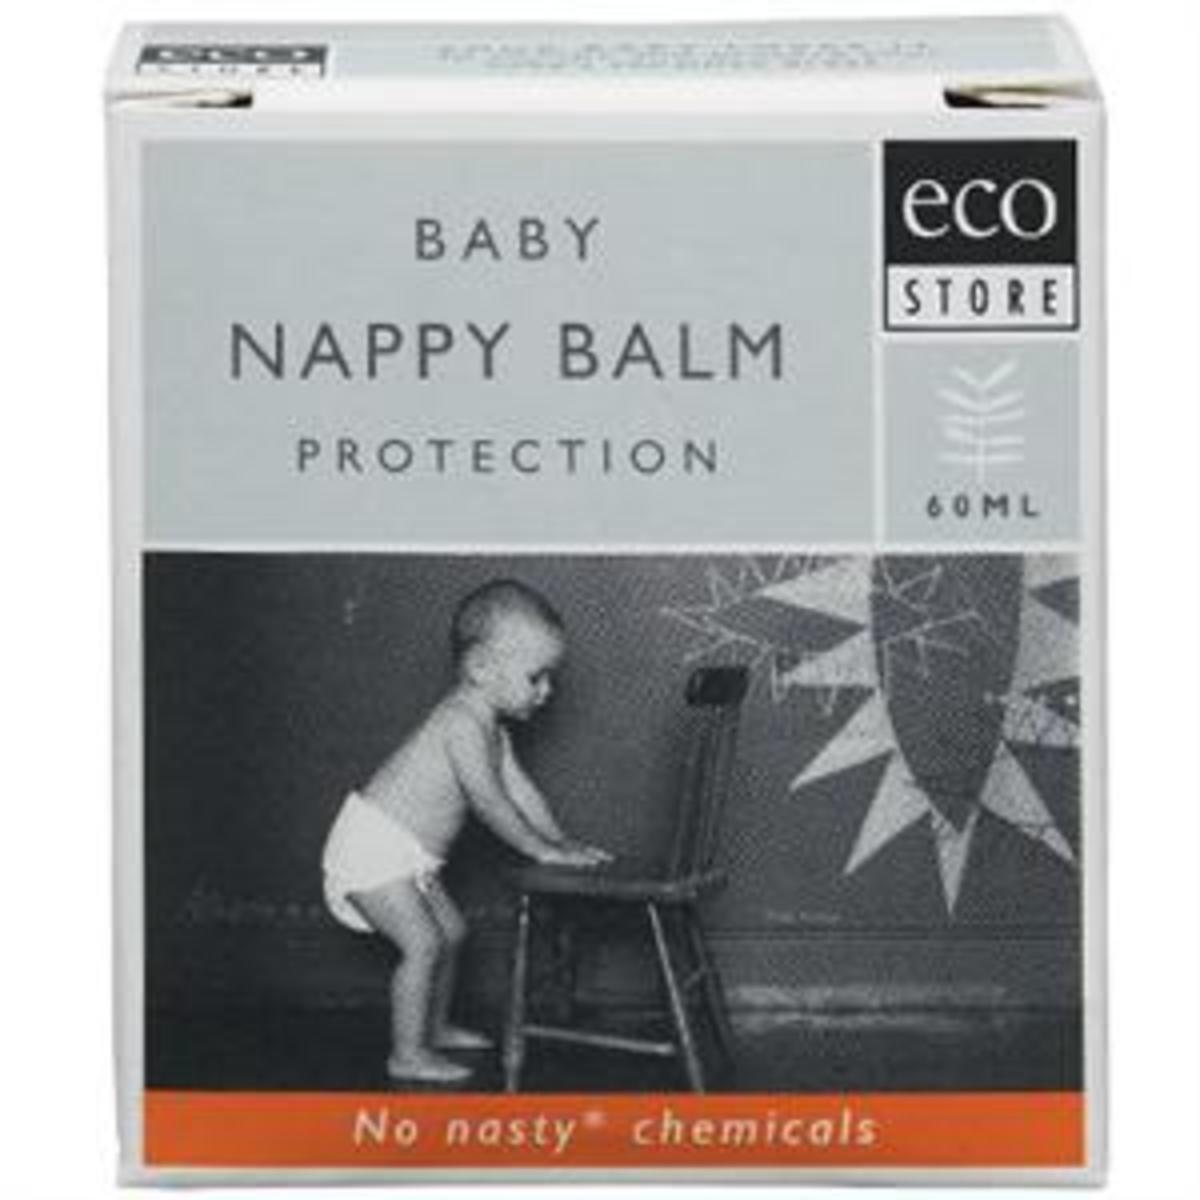 ecostore usa babynappybalm